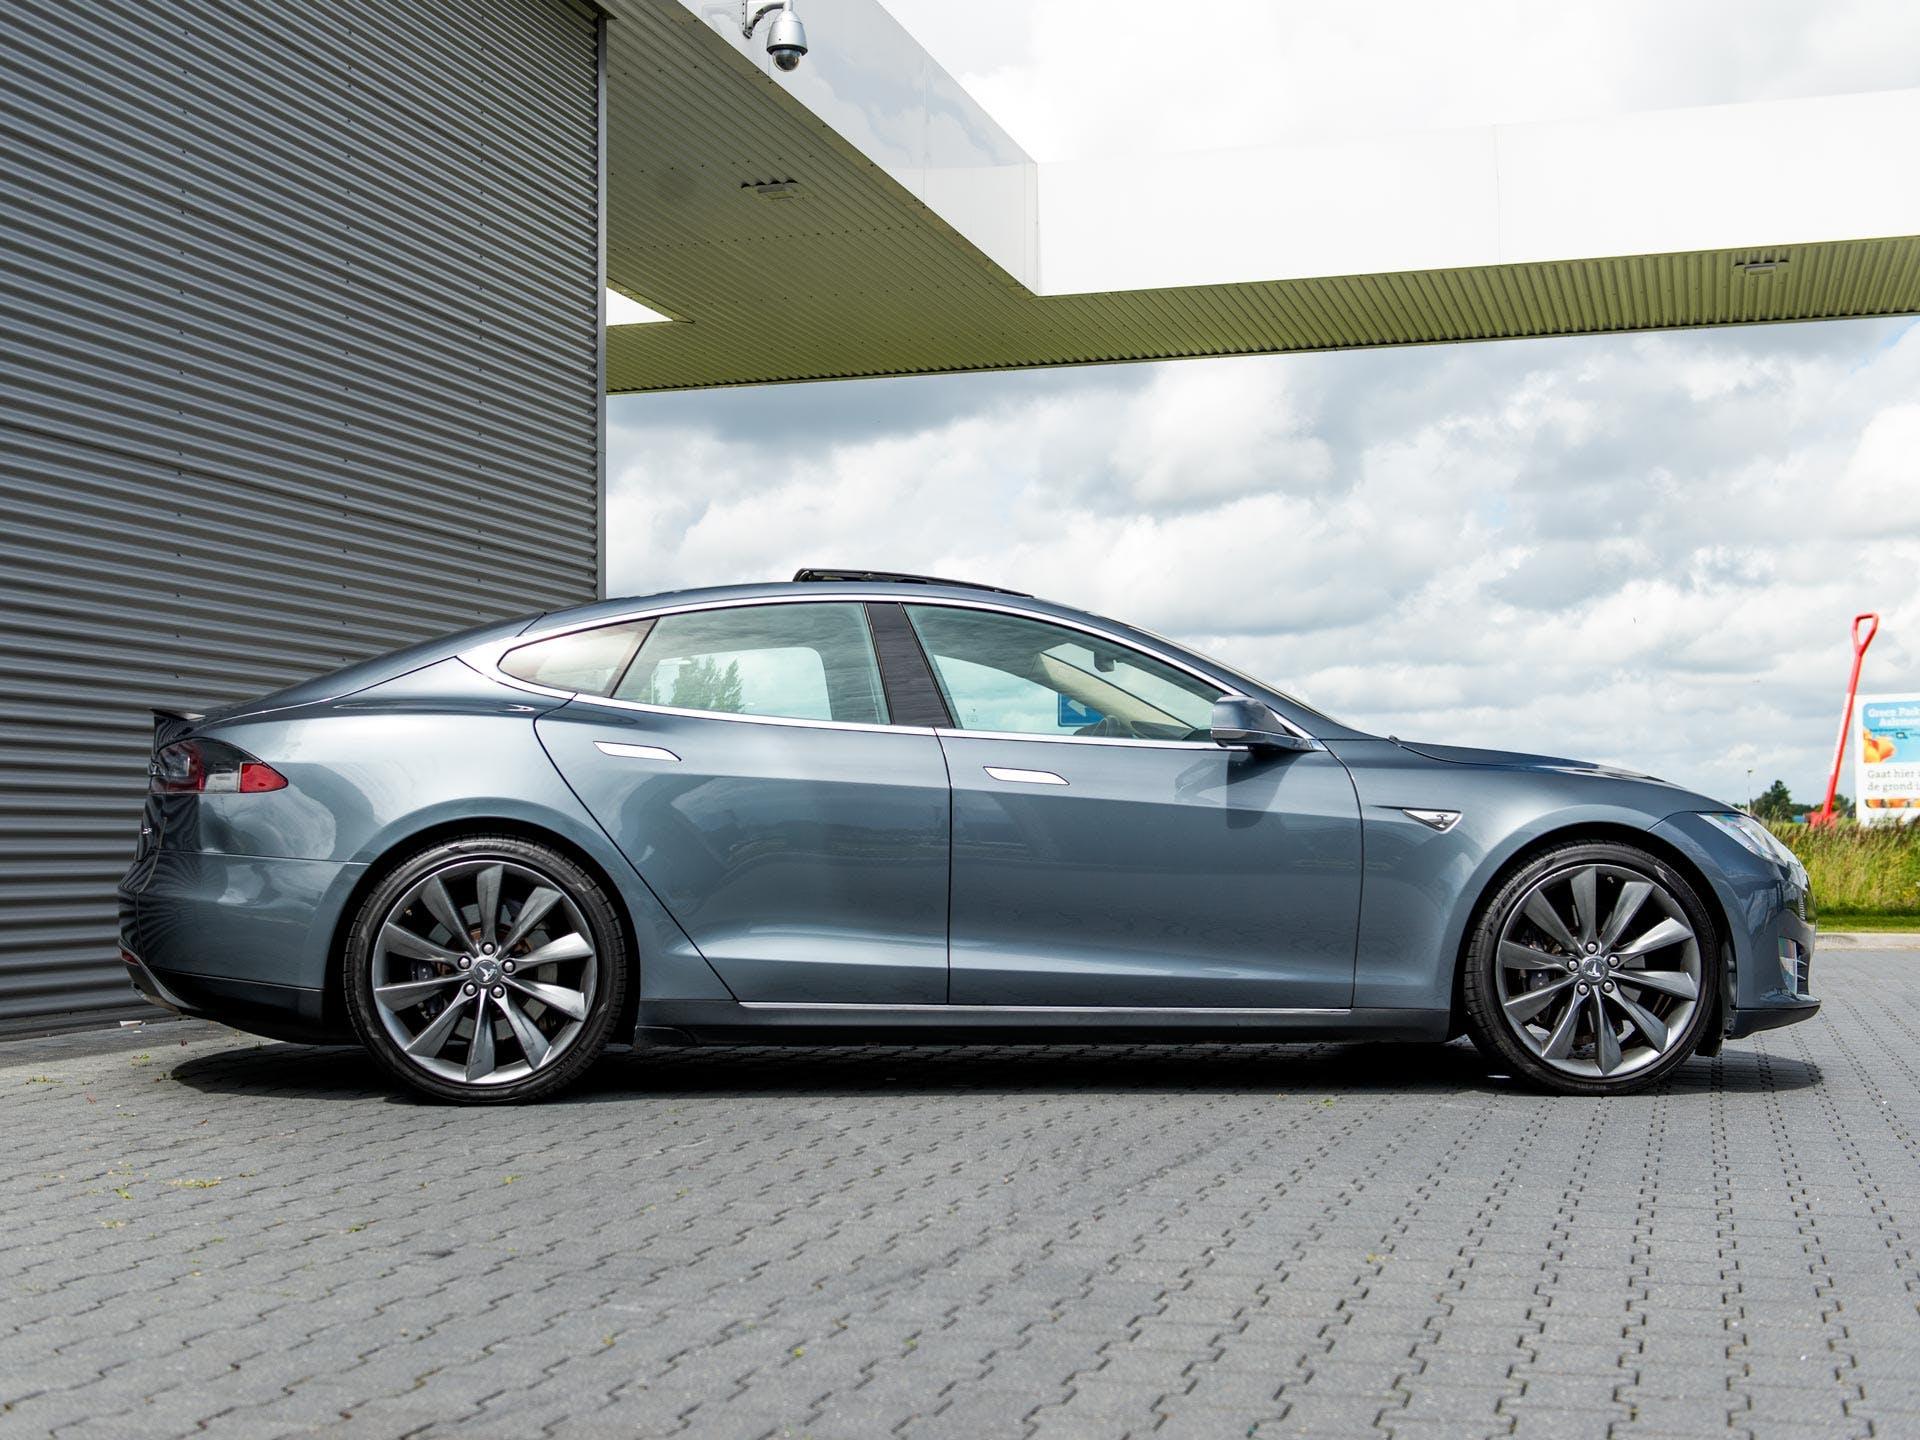 Tweedehands Tesla Model S P85+ 2013 occasion